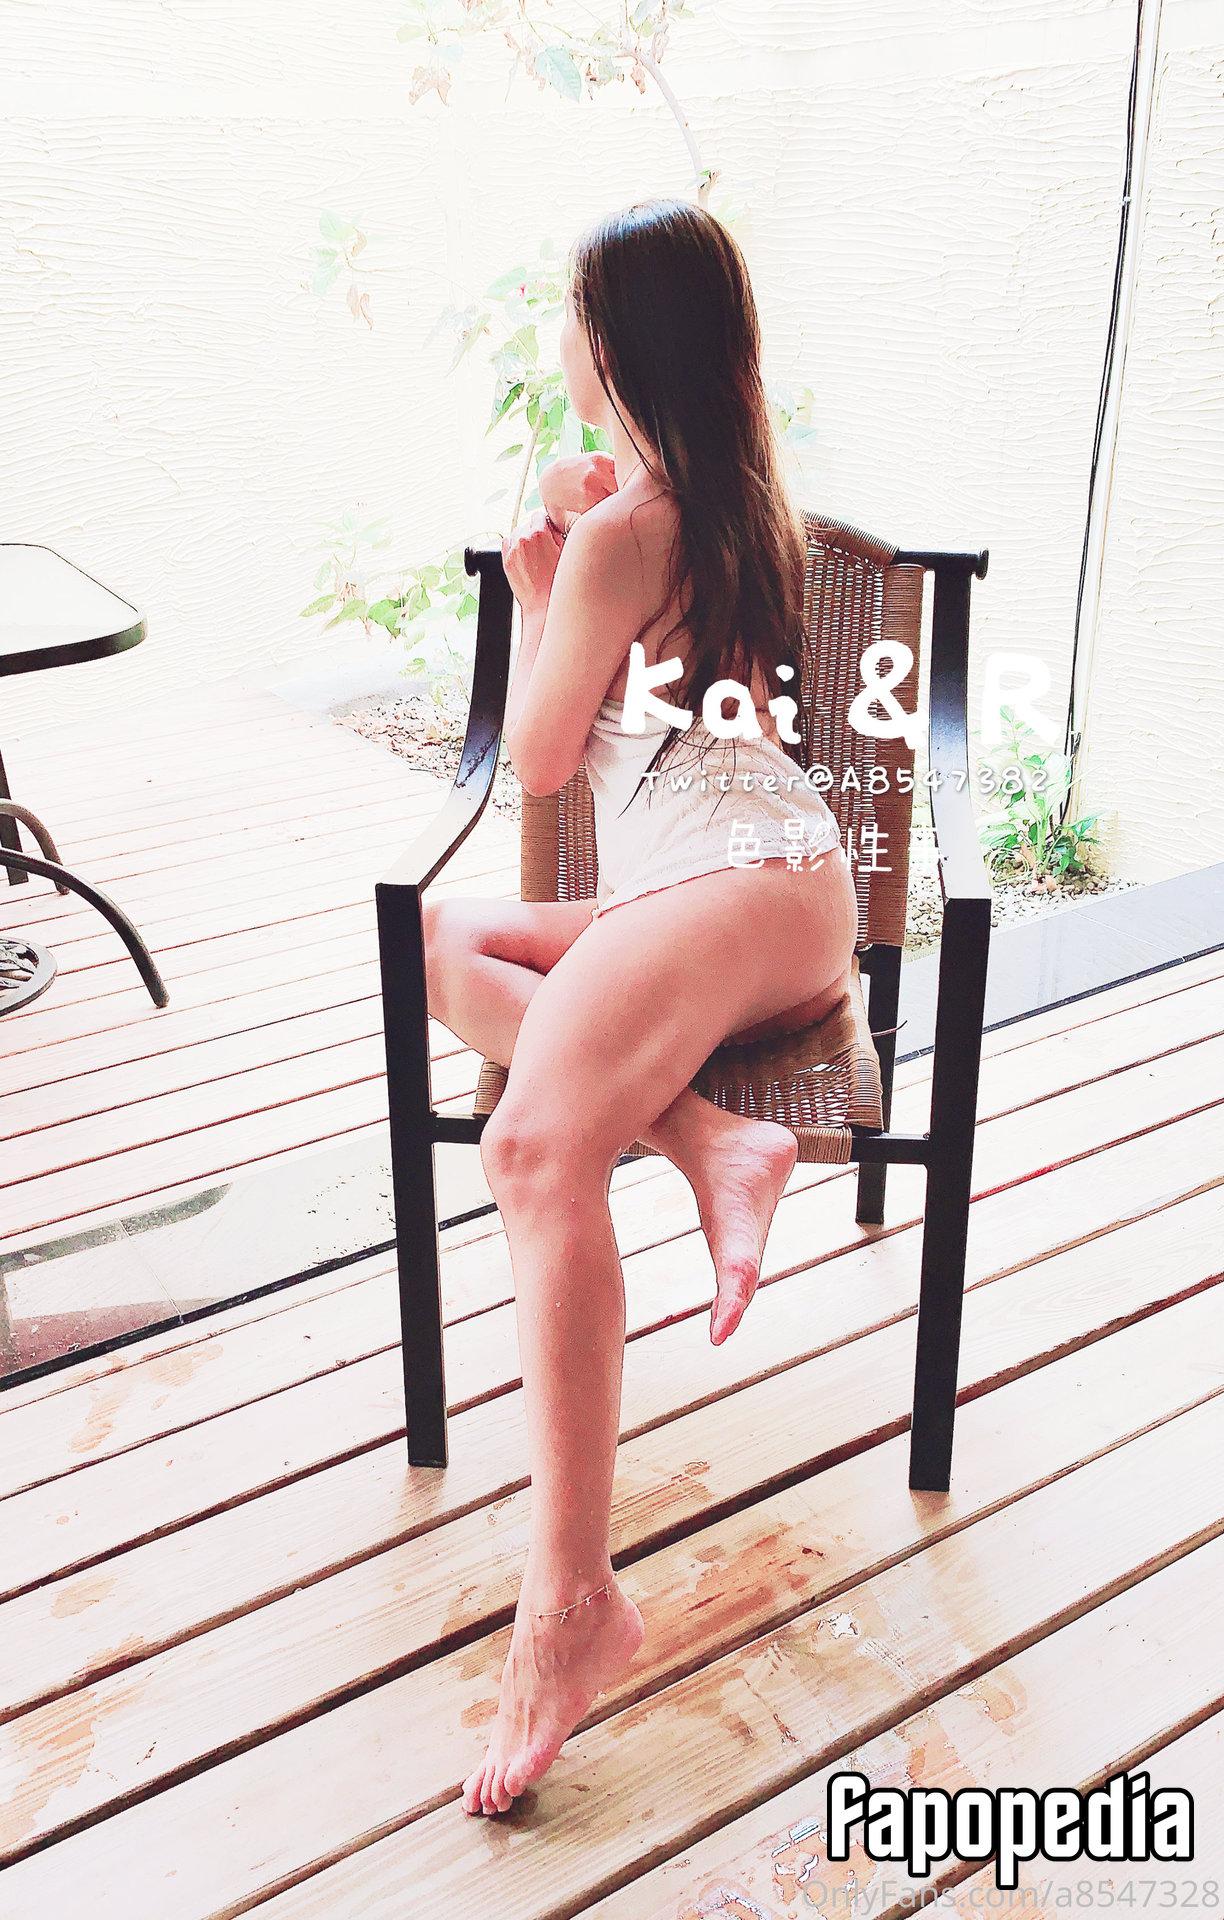 A8547328 Nude OnlyFans Leaks